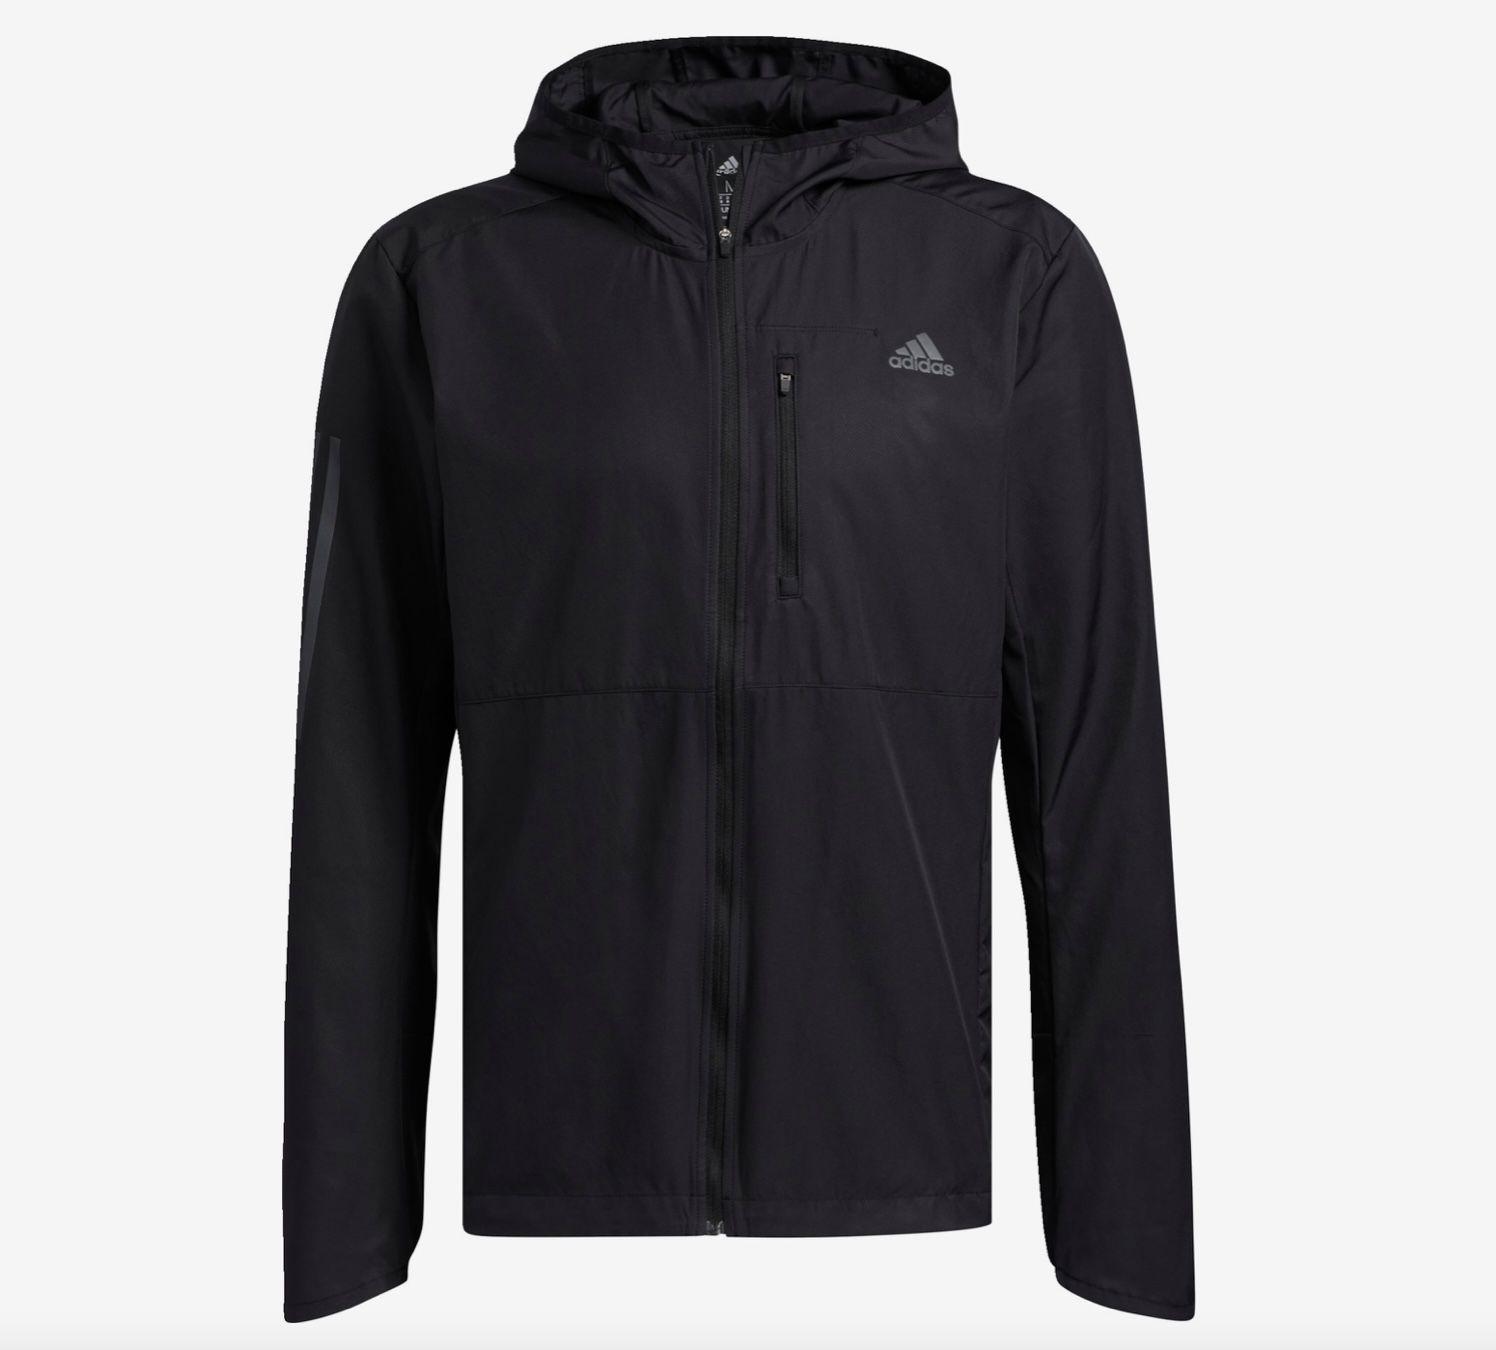 Adidas Own The Run Hooded Herren Windjacke für 38,50€ (statt 47€)